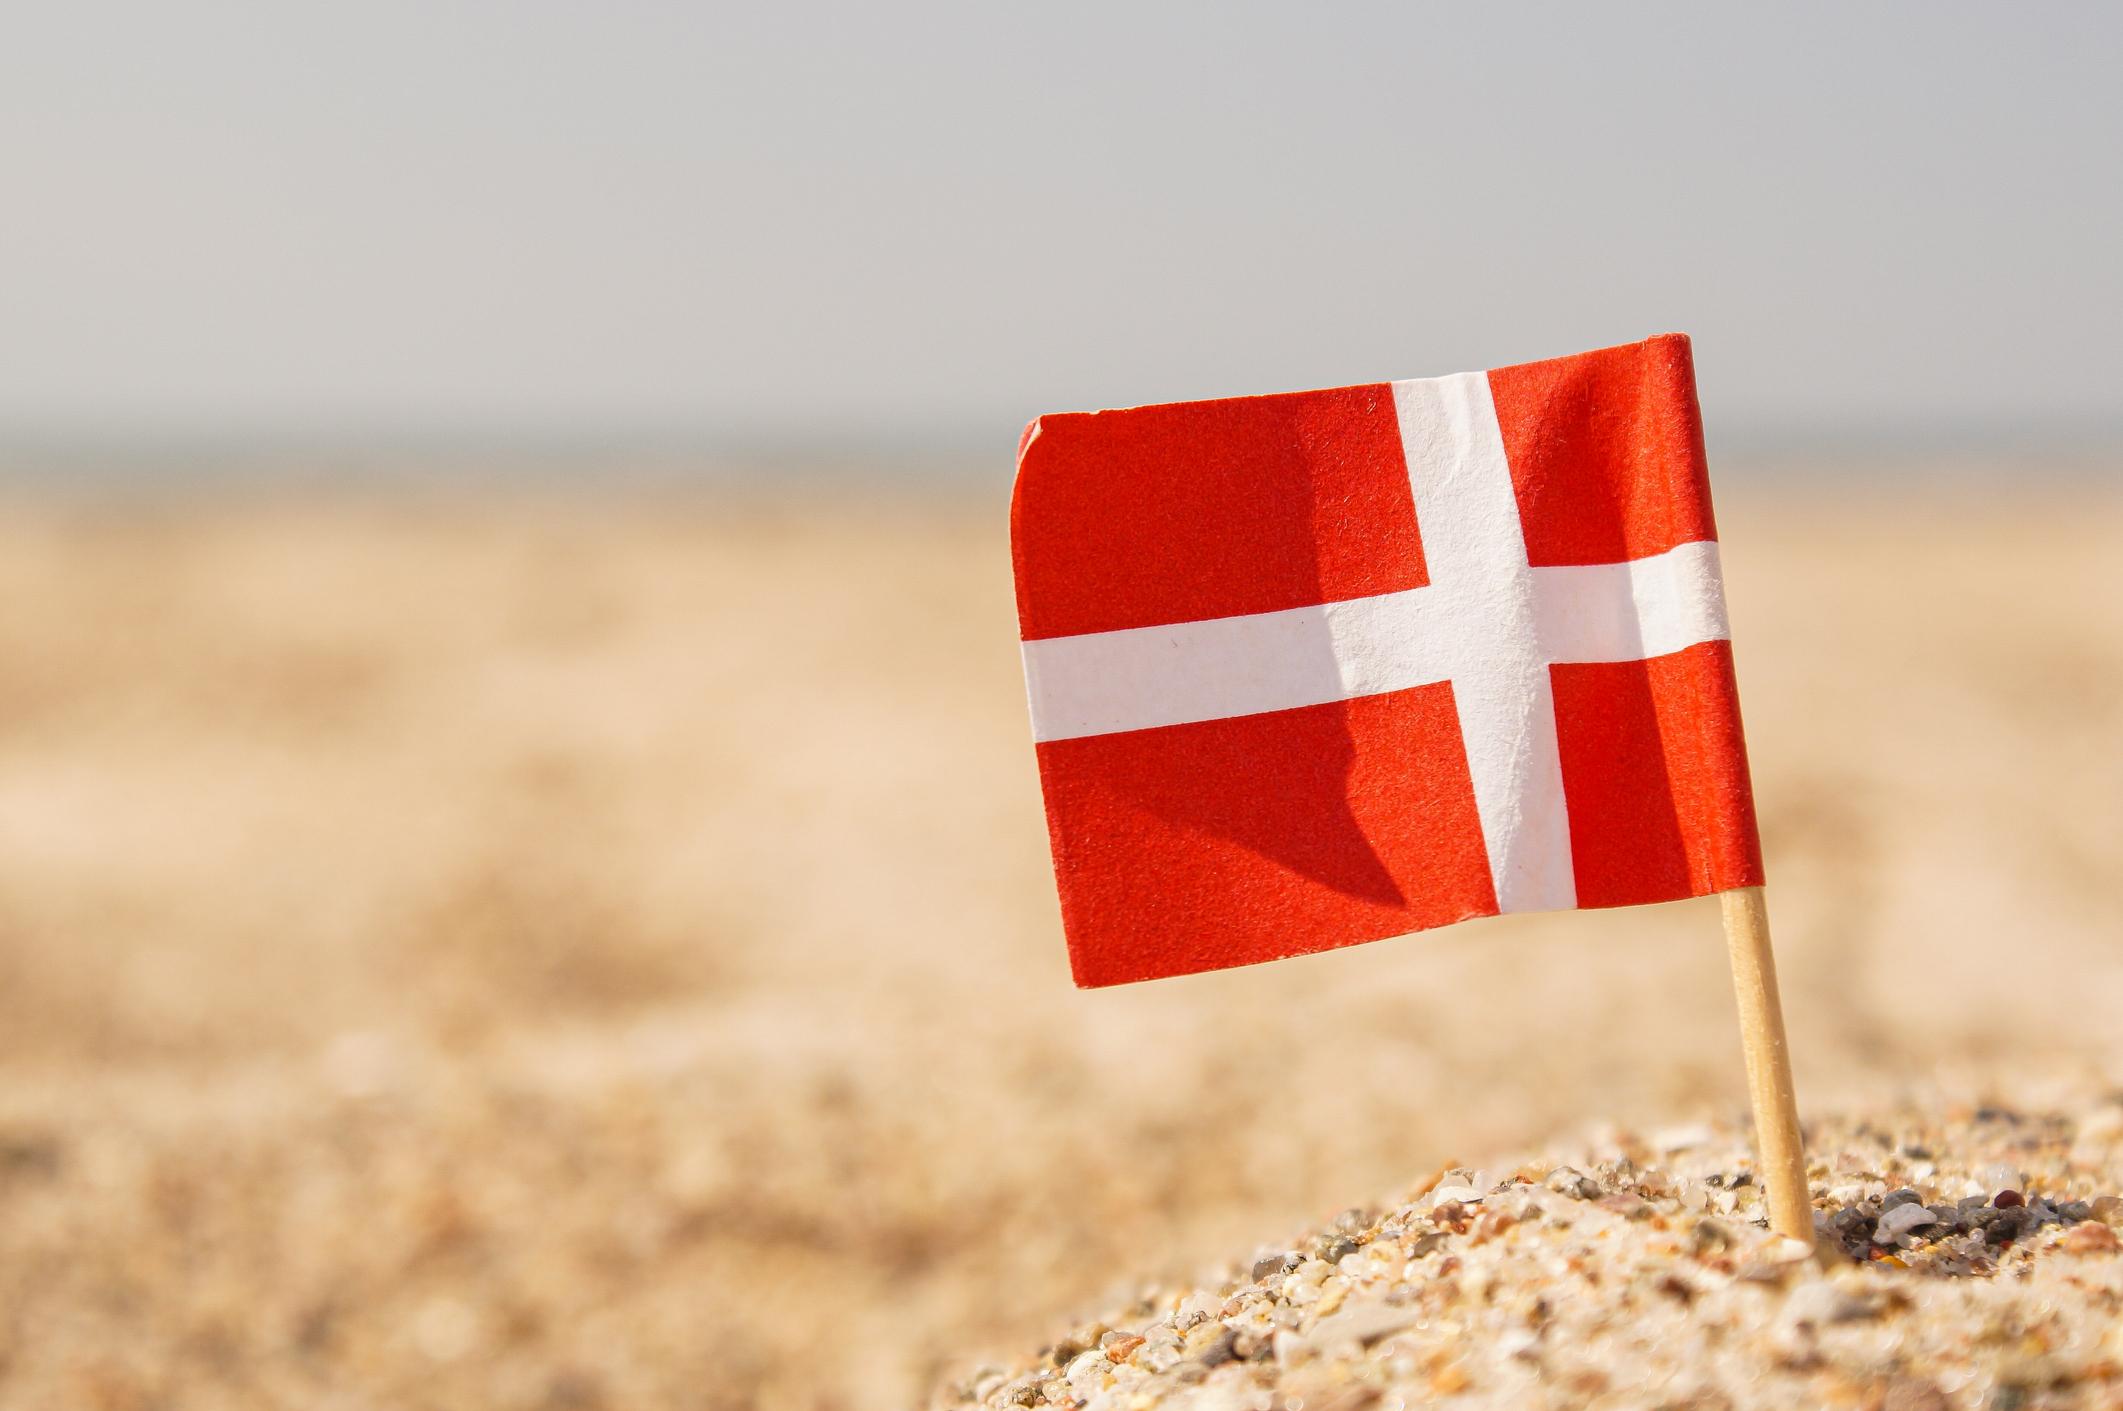 Dänemark: Bürger erhalten ab Oktober ihre Freiheiten zurück